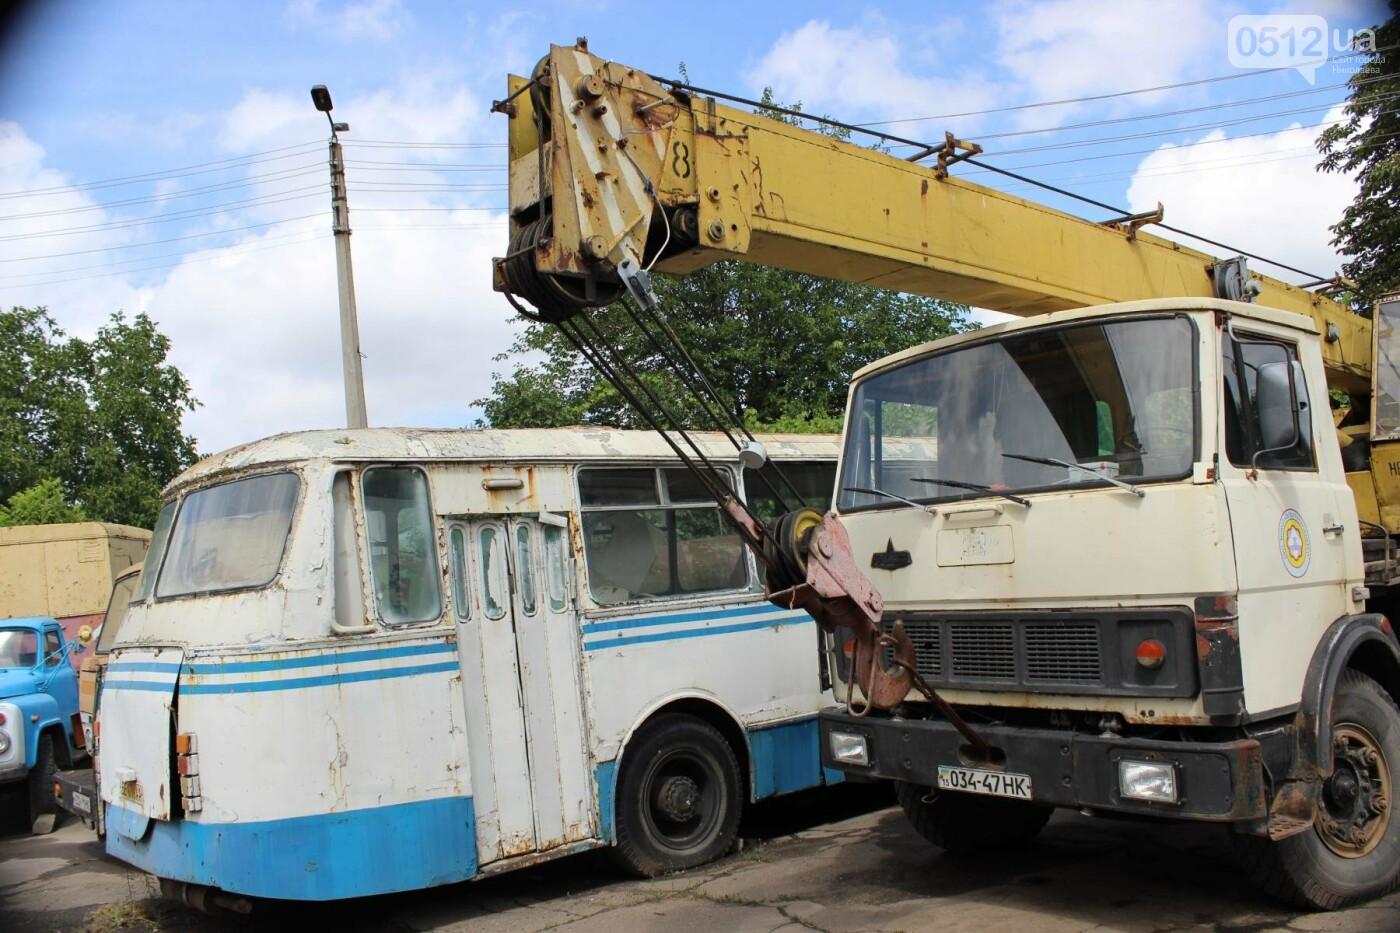 «Николаевоблтеплоэнерго» показало имущество предприятия, которое планирует списать, - ФОТО, фото-14